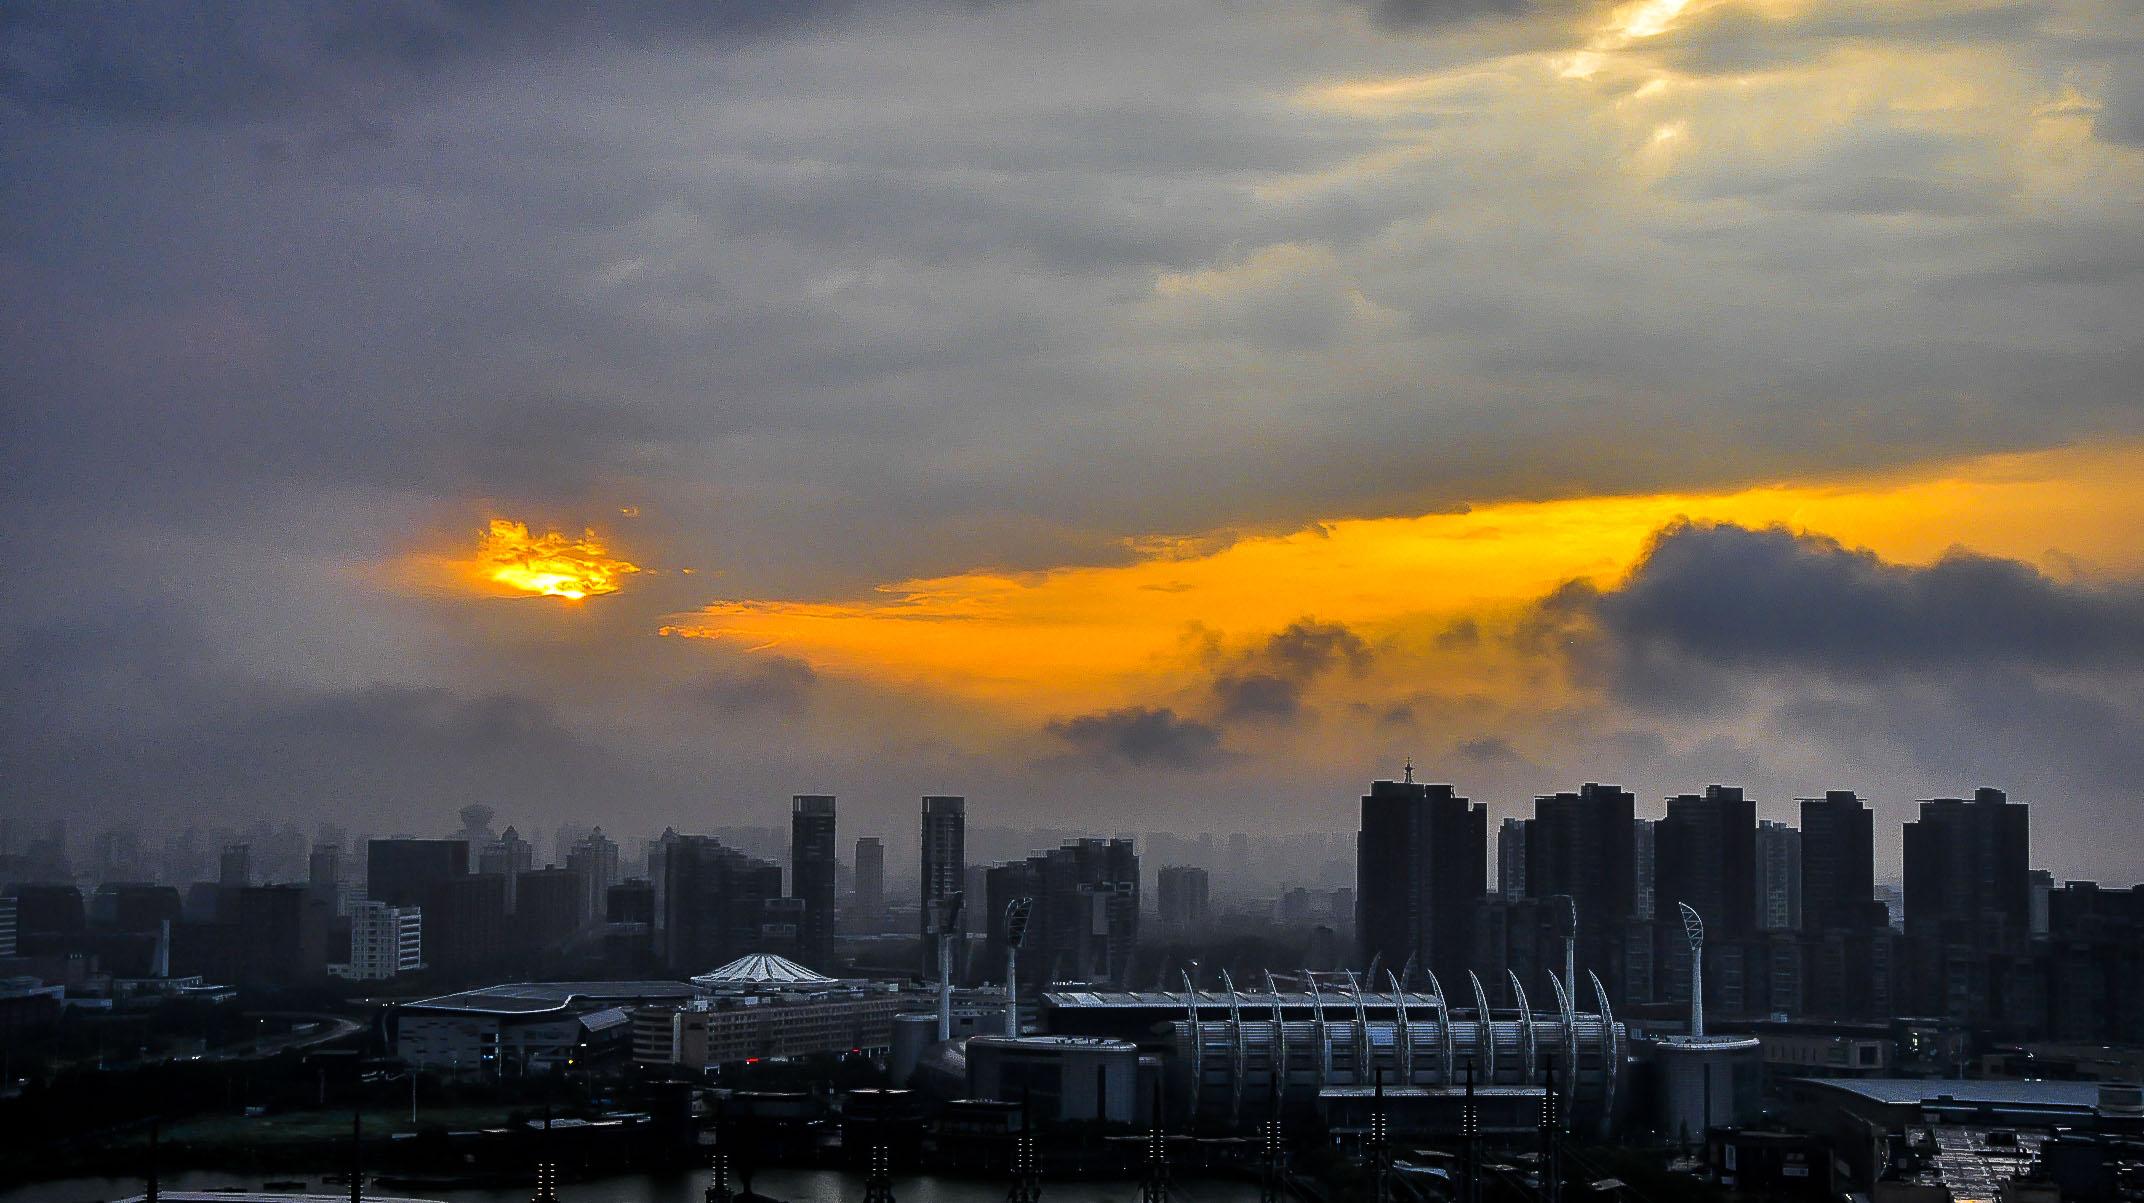 ¤神秘3¤作品:黑云压城,城欲摧。